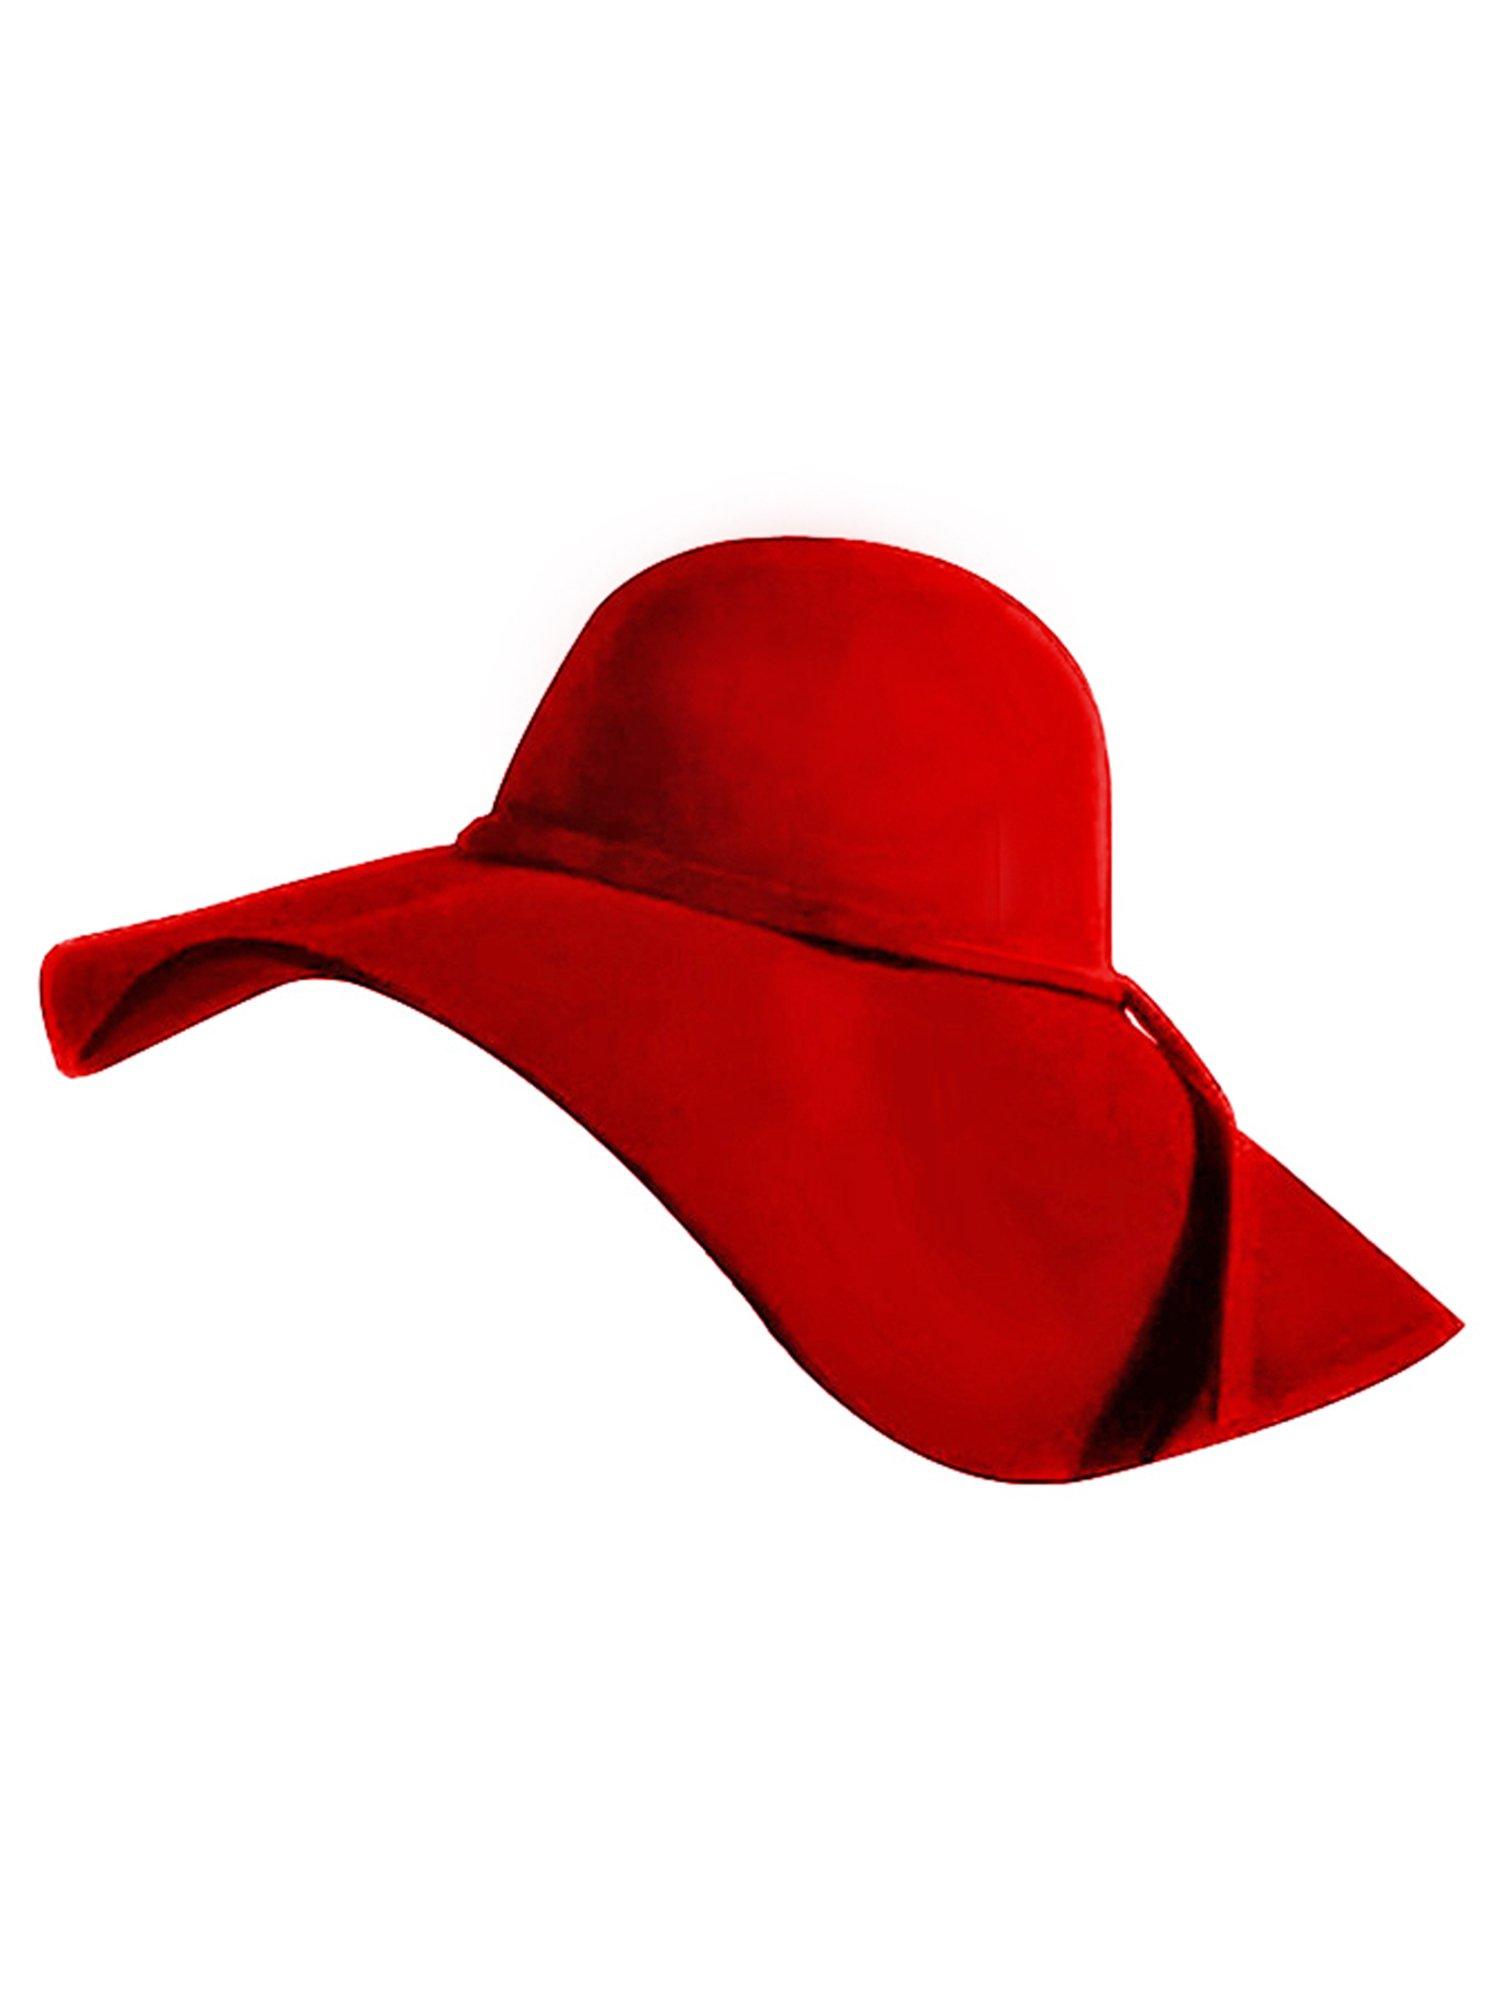 Luxury Divas Red Wide Brimmed Wool Floppy Hat